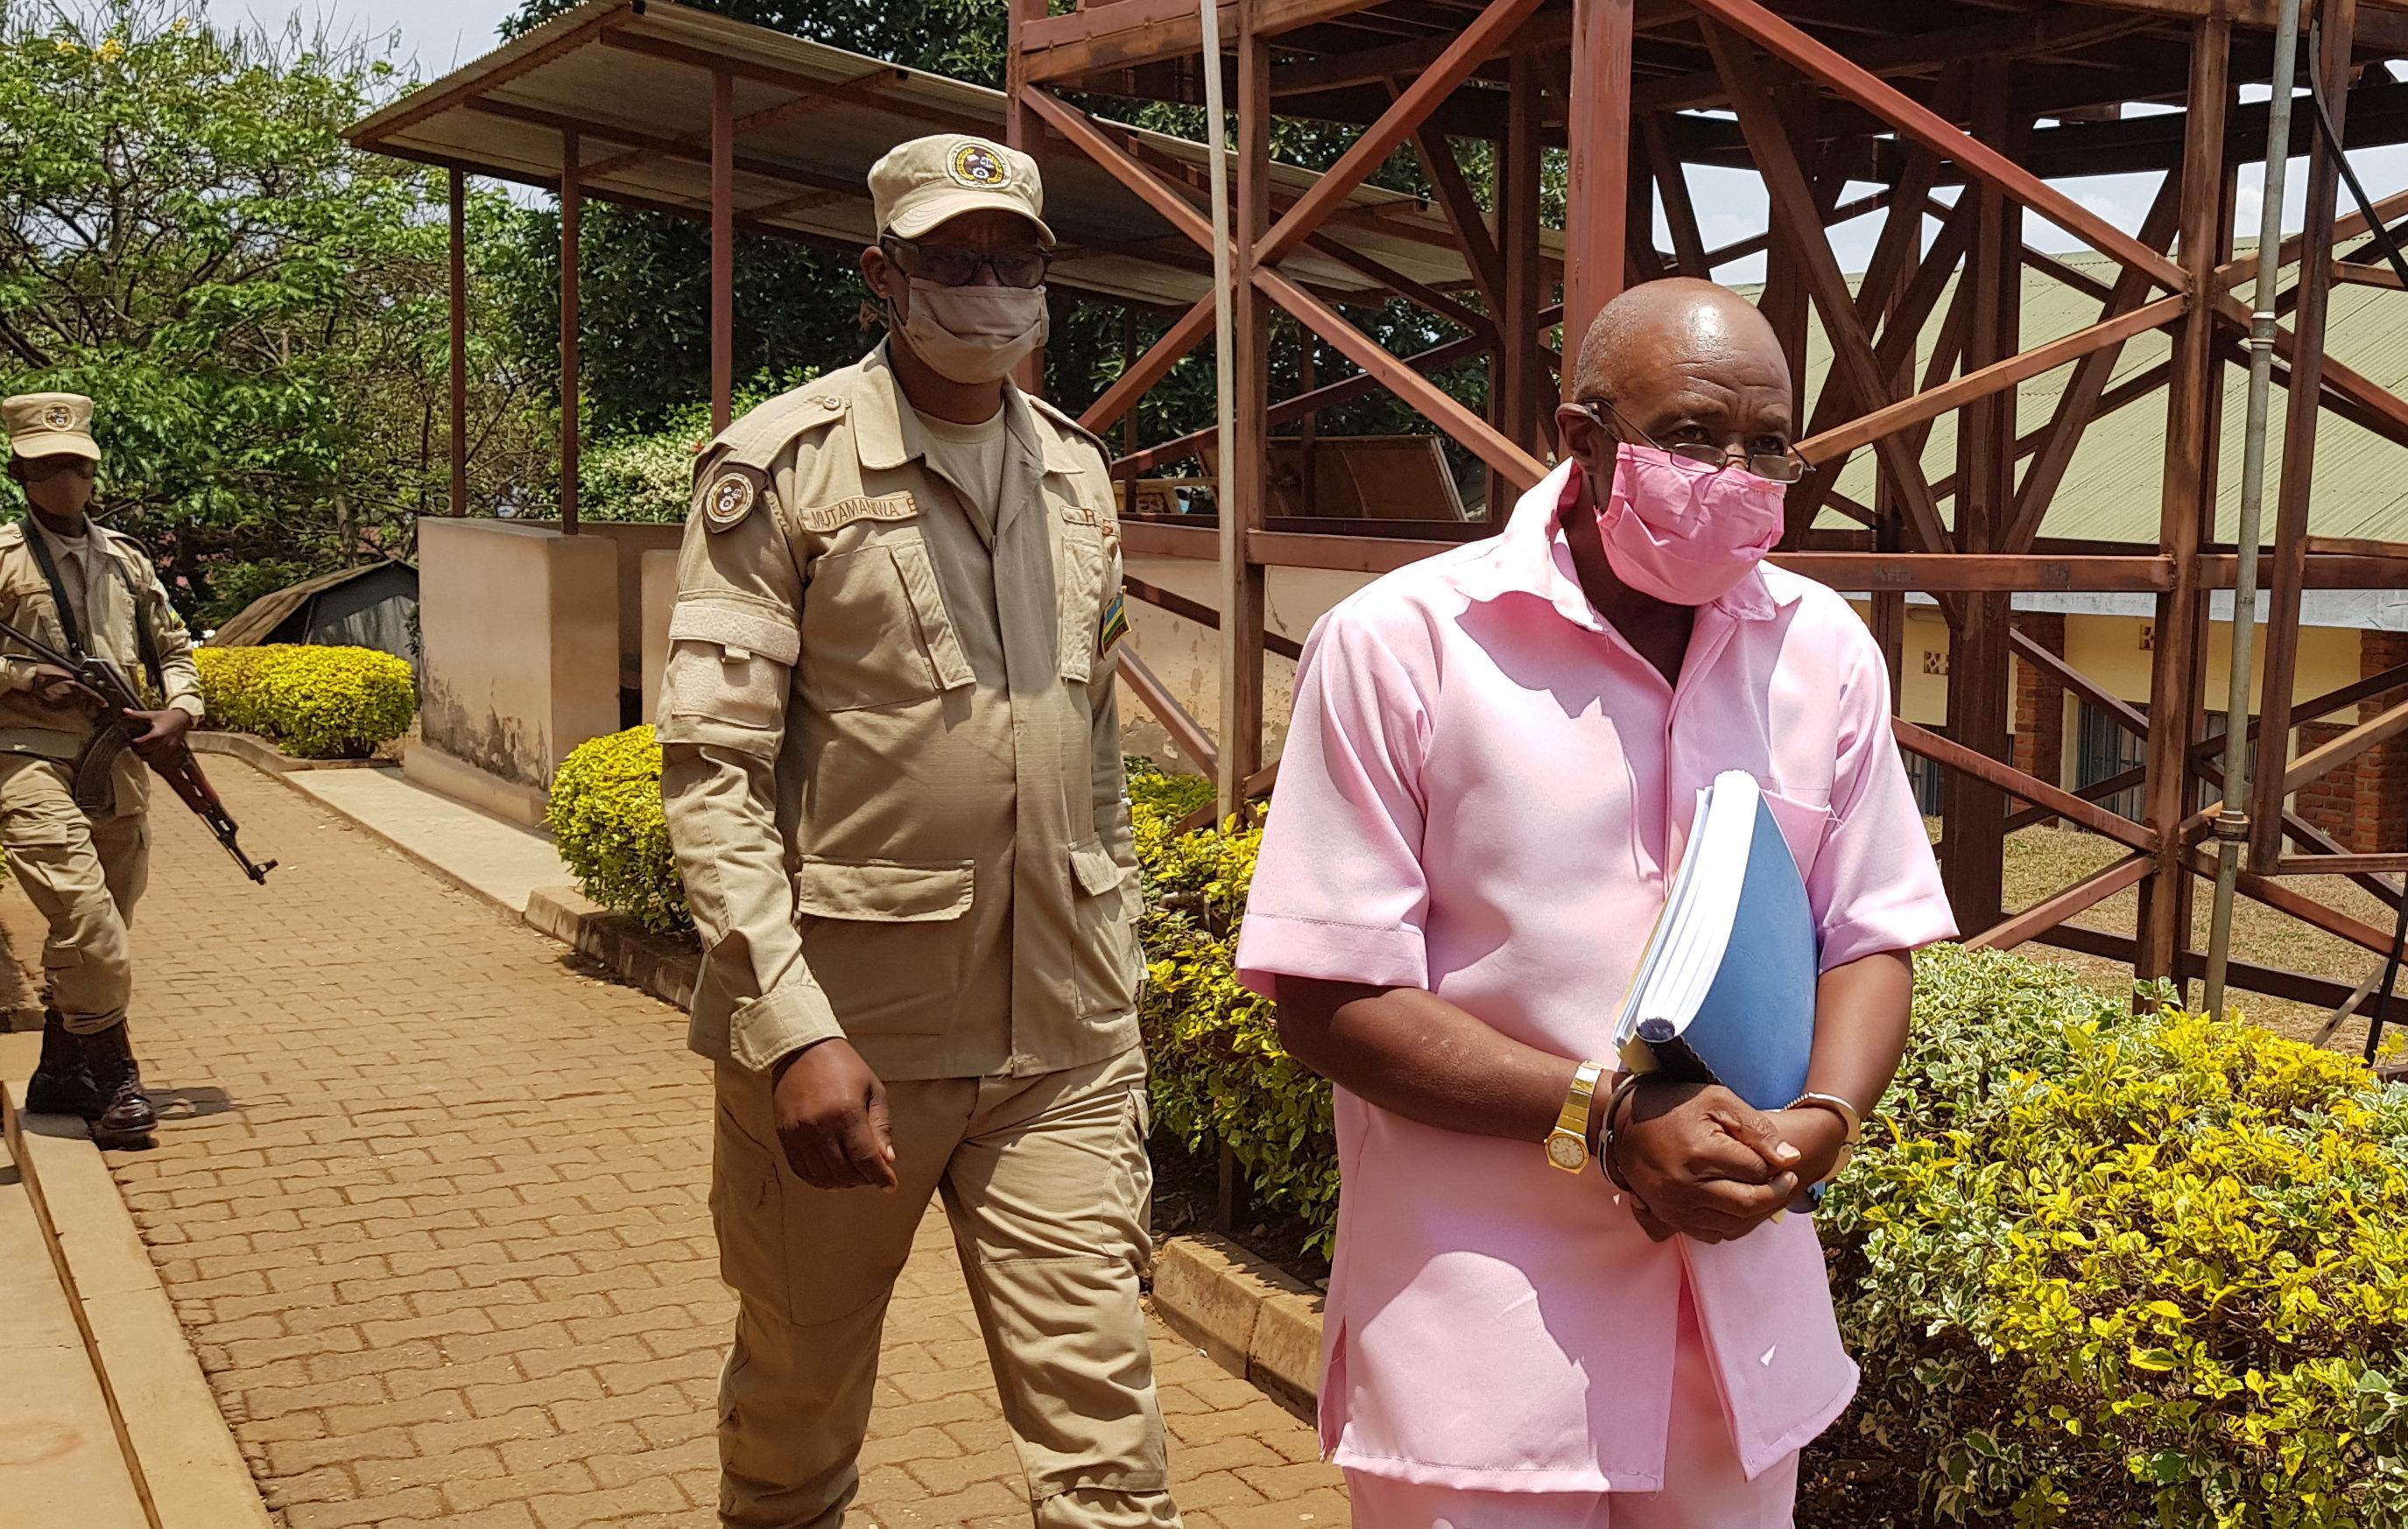 Paul Rusesabagina, 67, foi preso no ano passado ao chegar de Dubai após o que ele descreveu como um sequestro pelas autoridades ruandesas [Clement Uwiringiyimana/Reuters]